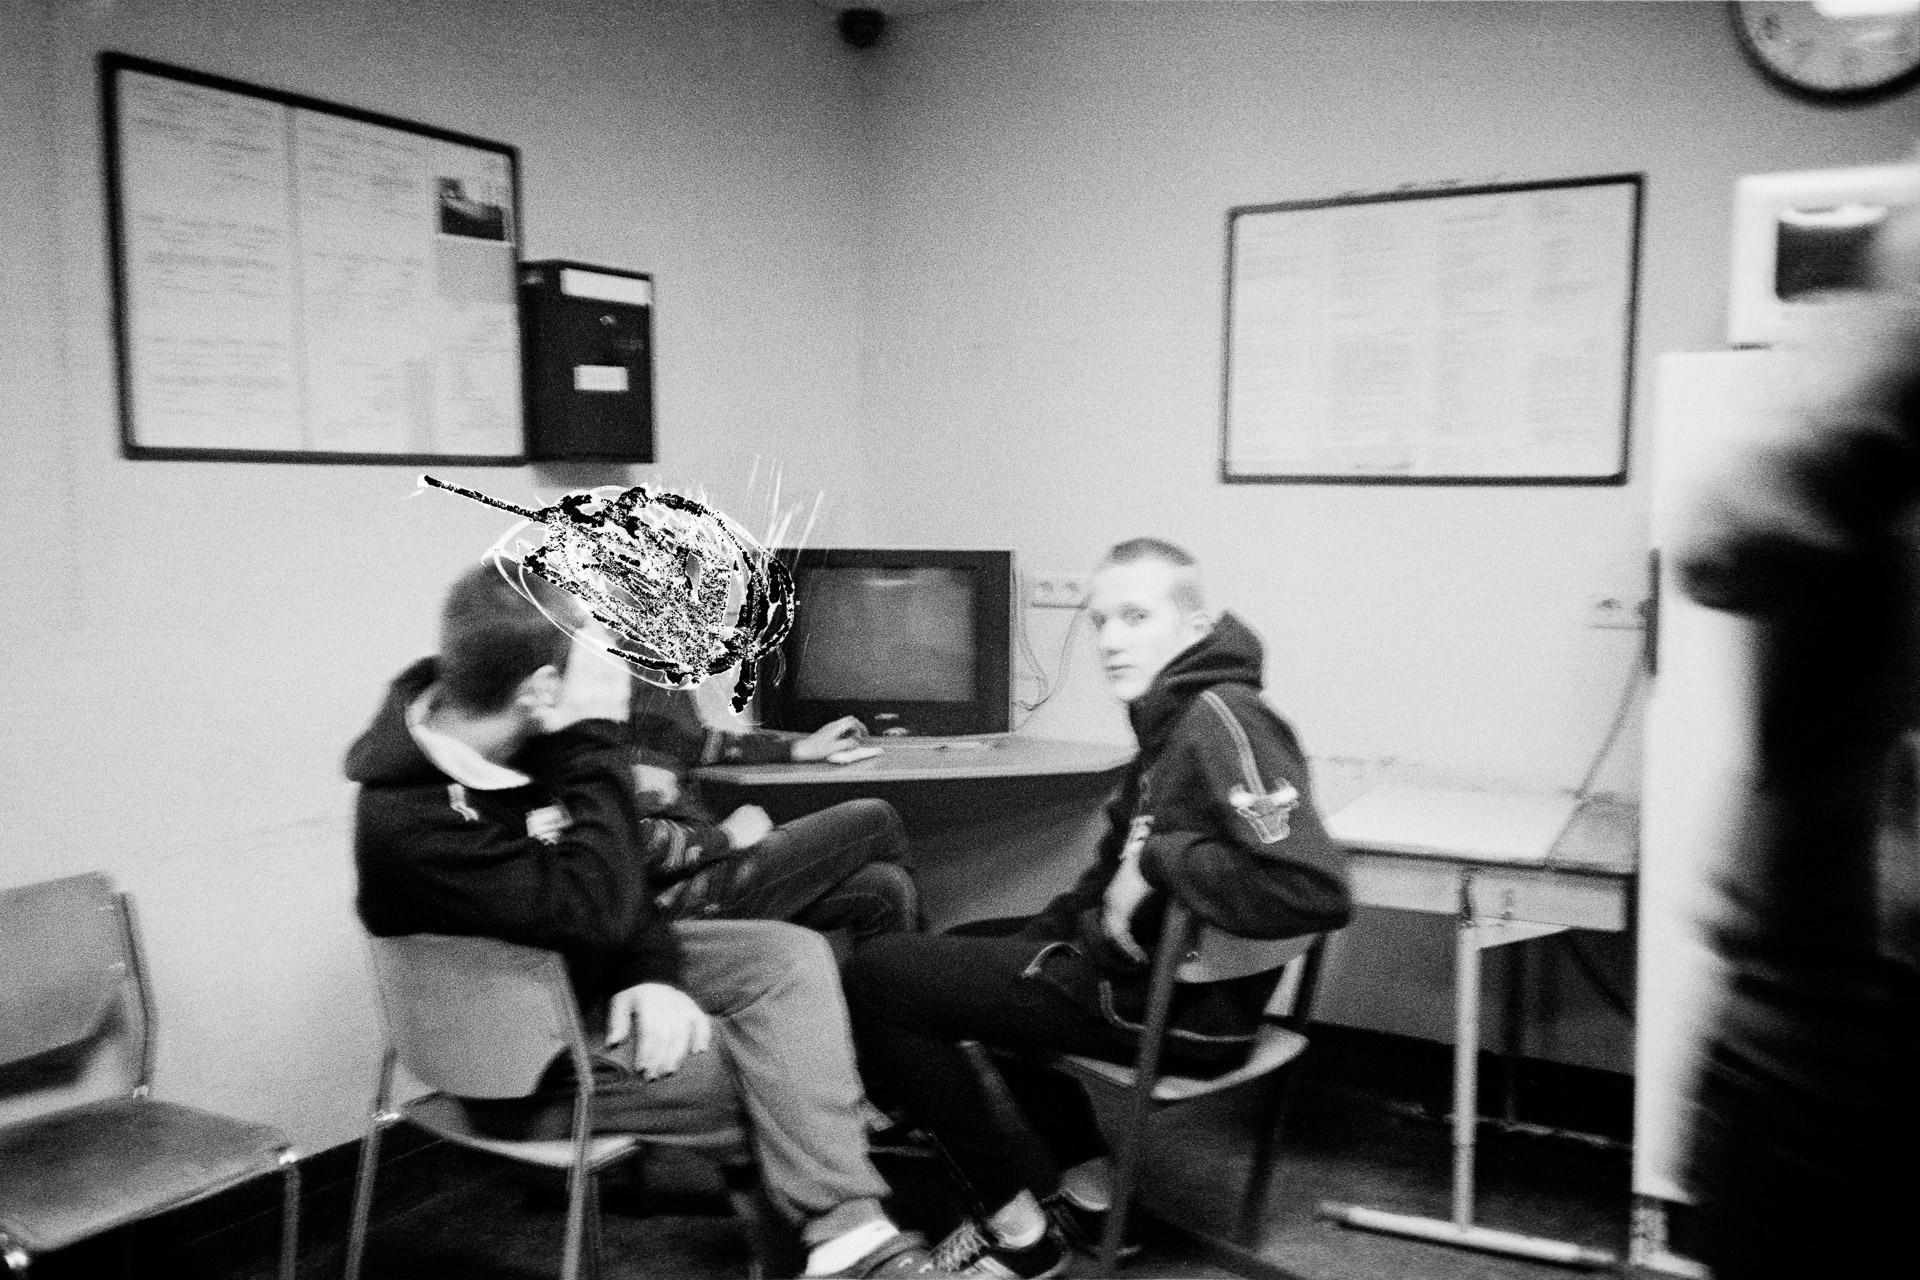 When the prisoners do not have organised activities, they spend their time in their cells, the corridor and this common room, where they can watch television or play different games. Some also use the space to carry out artistic endeavours. At the request of the administration, I had to scratch out one of the inmates, who had not participated in the photo workshop. Lorsque les prisonniers n'ont pas d'activités organisées (sport, école, etc.) Ils passent leur temps entre leur cellule, le couloir y menant et cette salle commune où ils peuvent regarder la télévision ou jouer à différents jeux. Certains peuvent également y réaliser des activité artistiques. Ici, il m'a été demandé de rayer l'un des détenu n'ayant pas participé à l'atelier photo. © I / Jérémie Jung